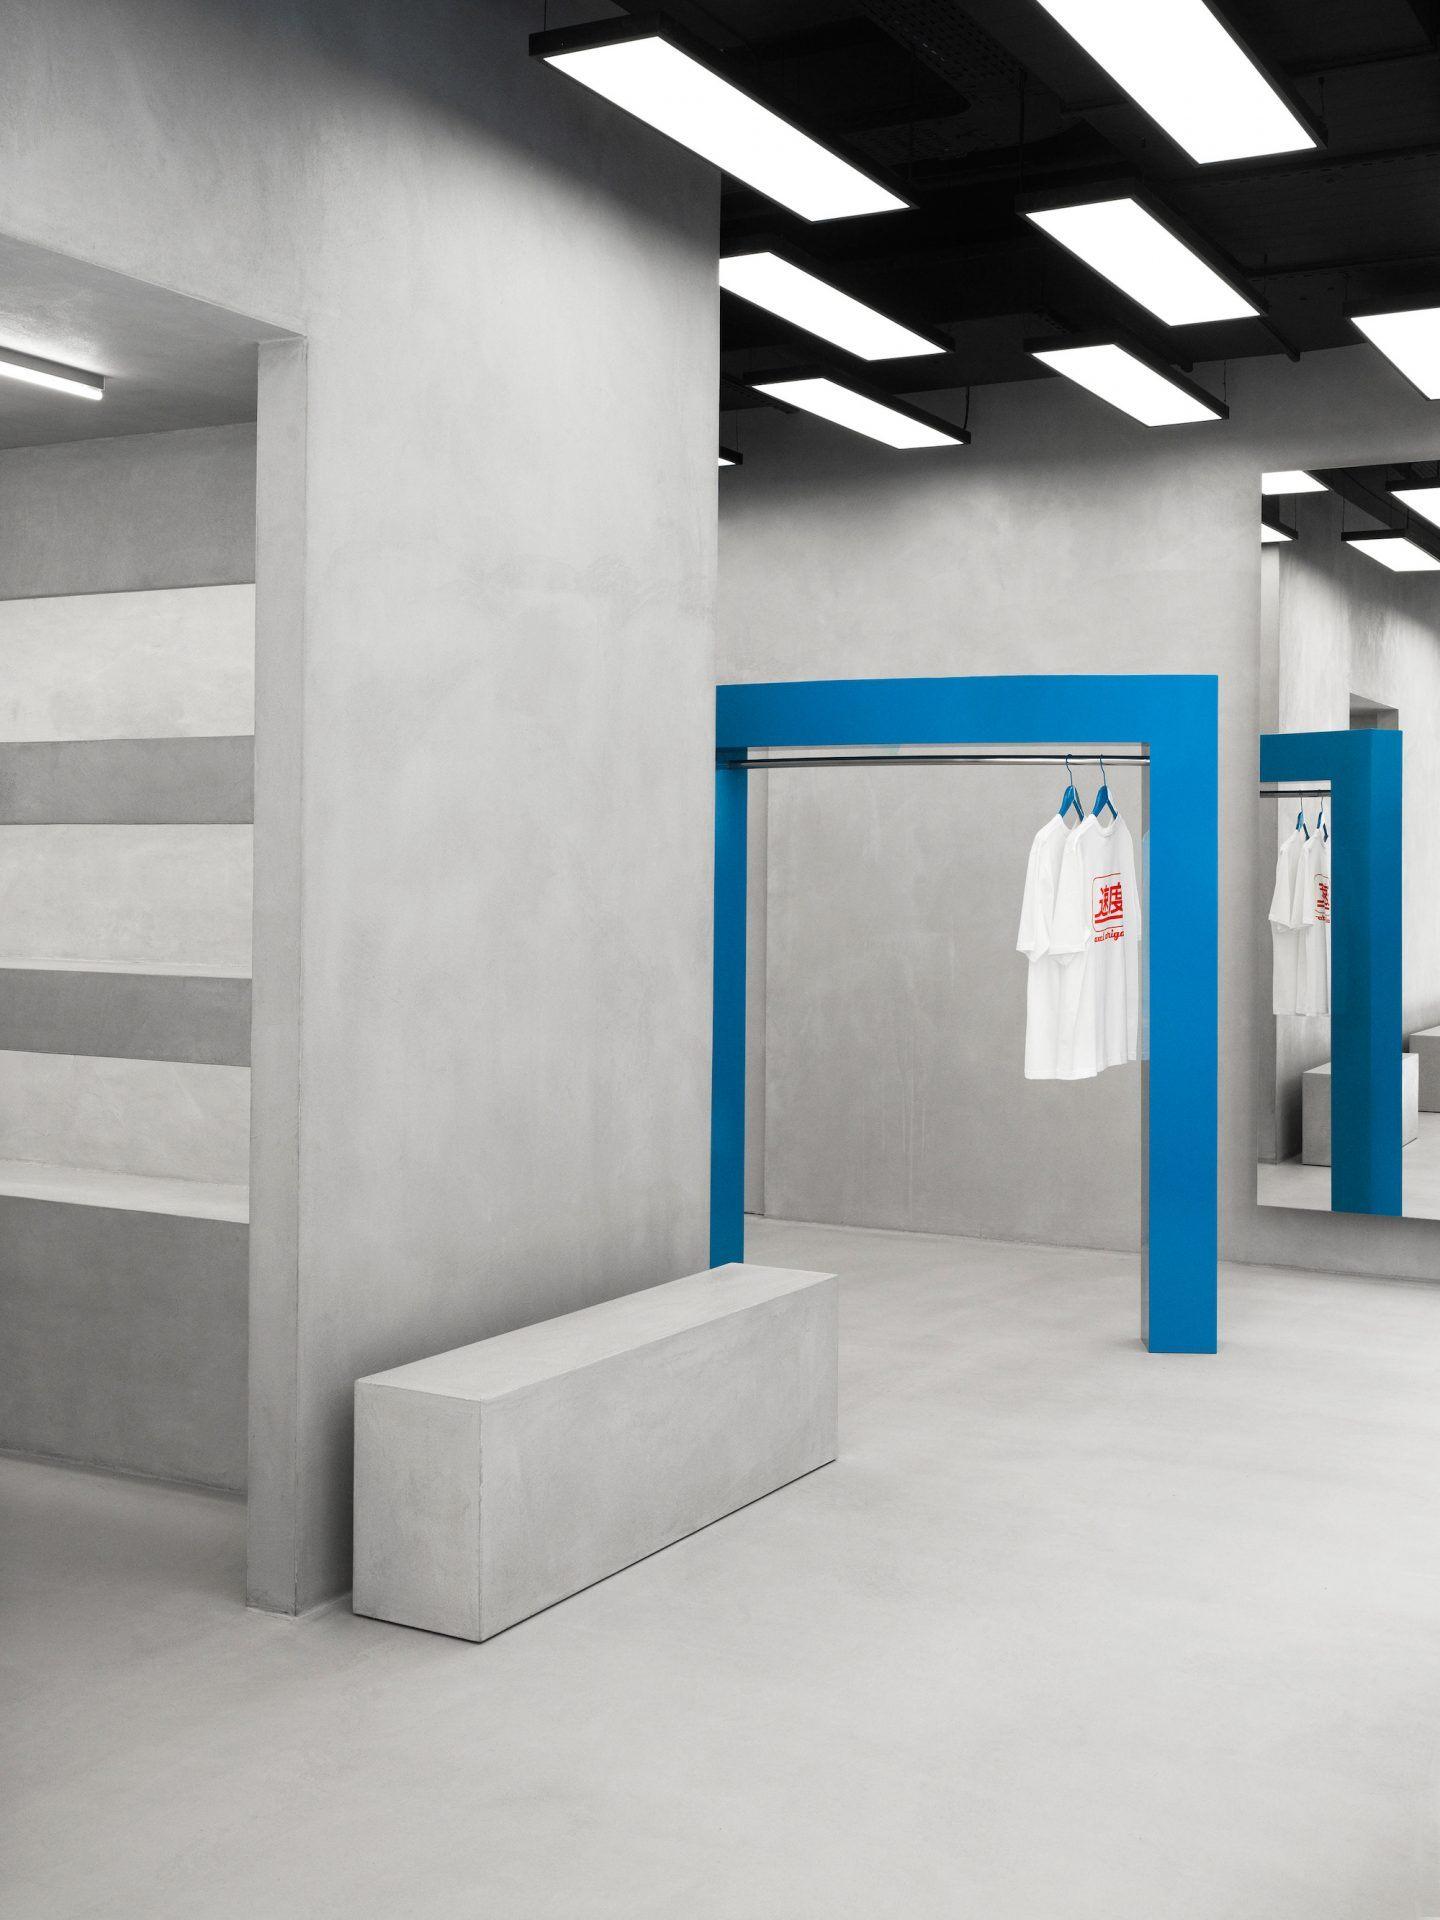 IGNANT-Design-Axel-Arigato-007